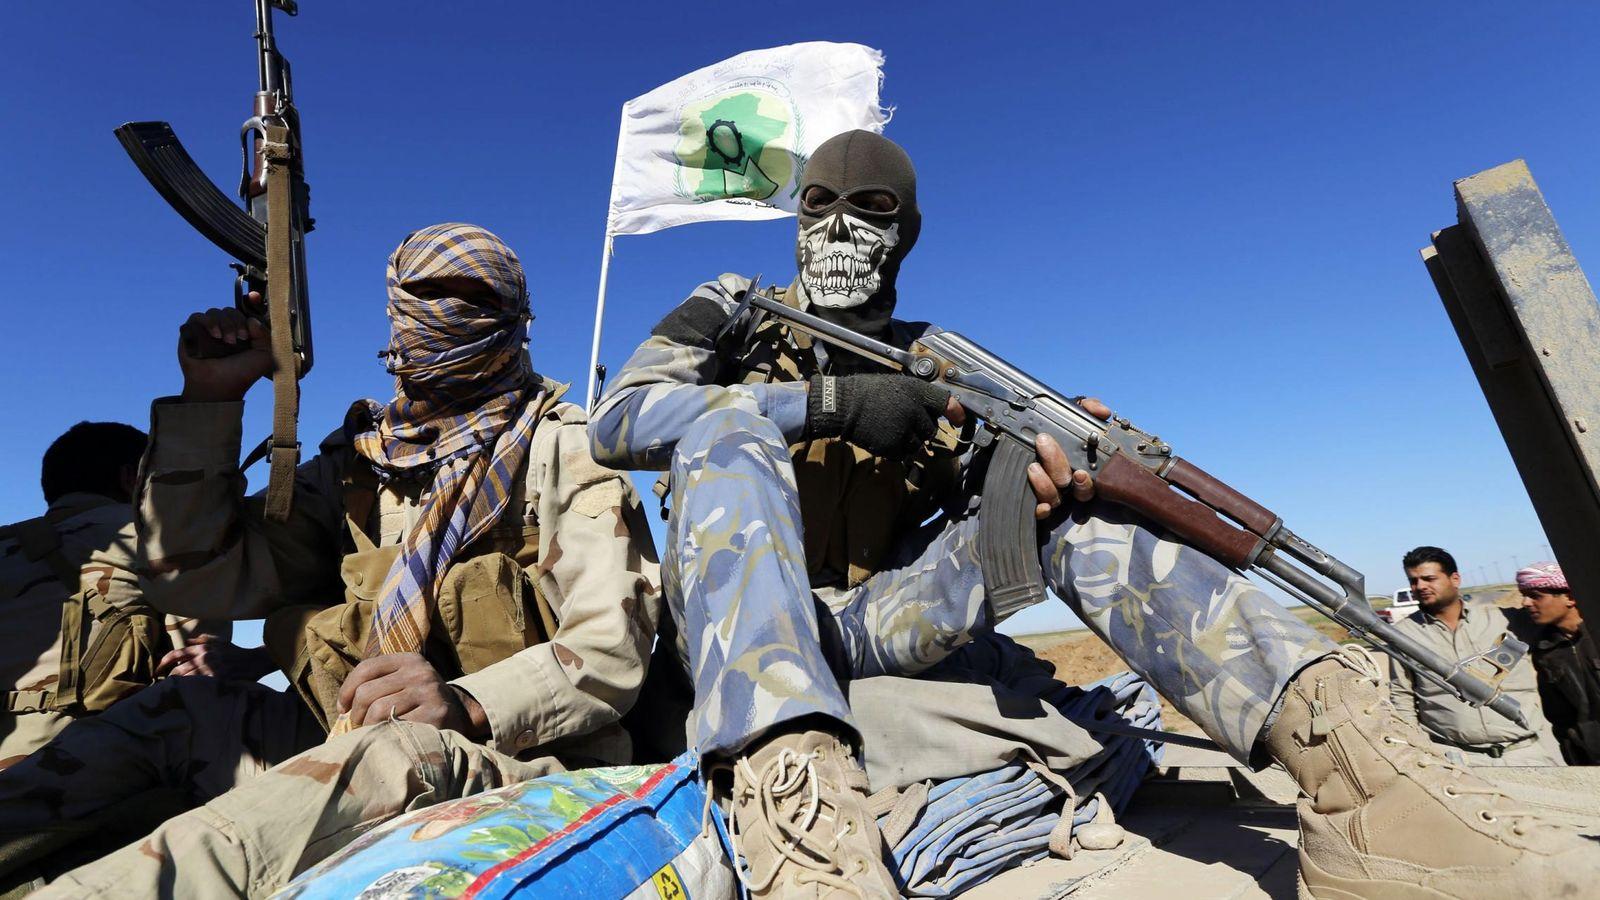 Foto: Milicianos chiíes iraquíes sostienen sus armas en Al Hadidiya, al sur de la ciudad de Tikrit, en su camino hacia el frente contra el Estado Islámico. (Reuters)